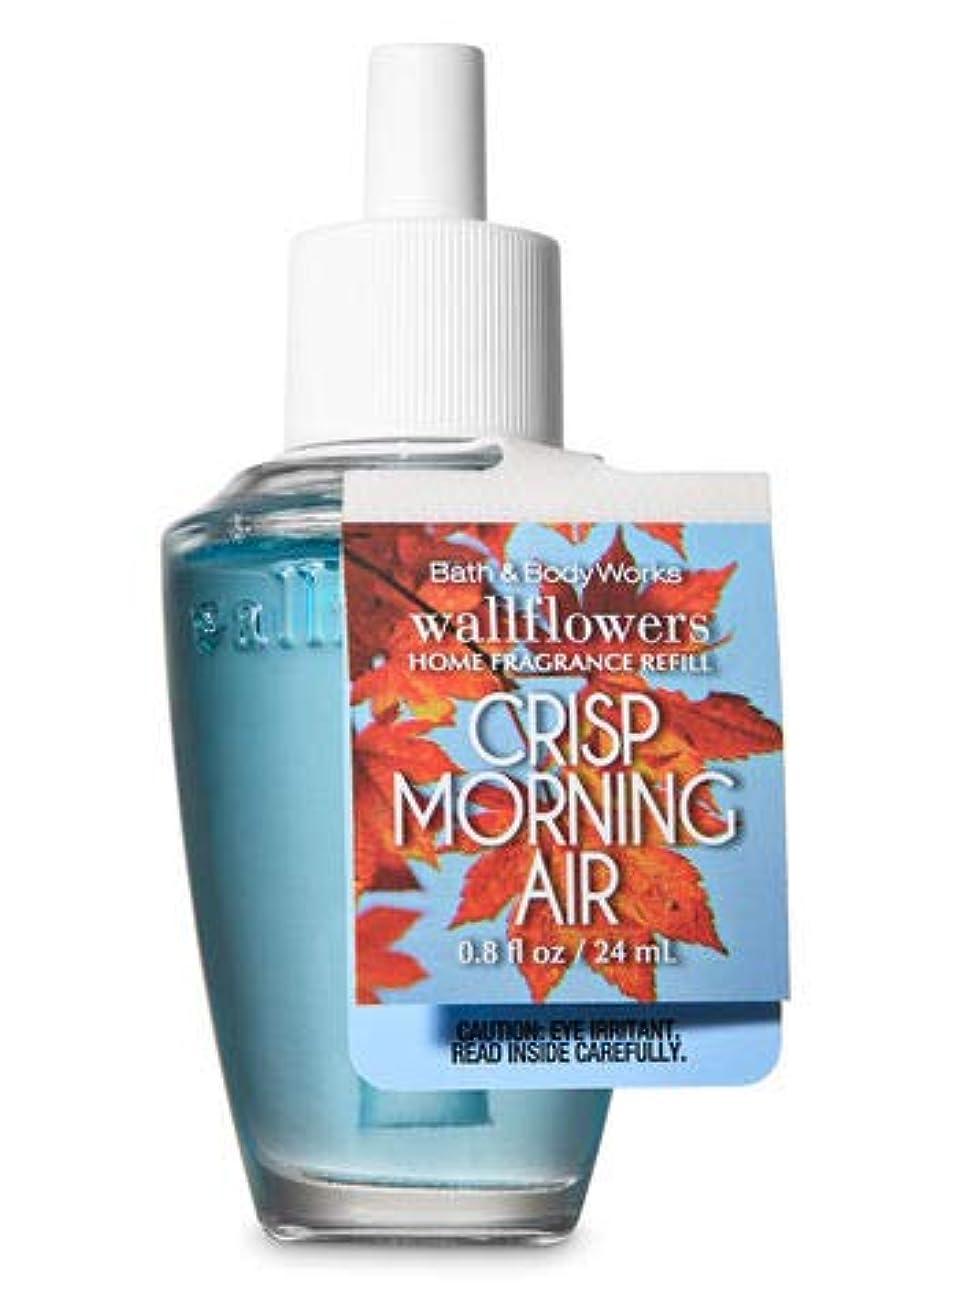 活気づける時計回り面白い【Bath&Body Works/バス&ボディワークス】 ルームフレグランス 詰替えリフィル クリスプモーニングエアー Wallflowers Home Fragrance Refill Crisp Morning Air [並行輸入品]